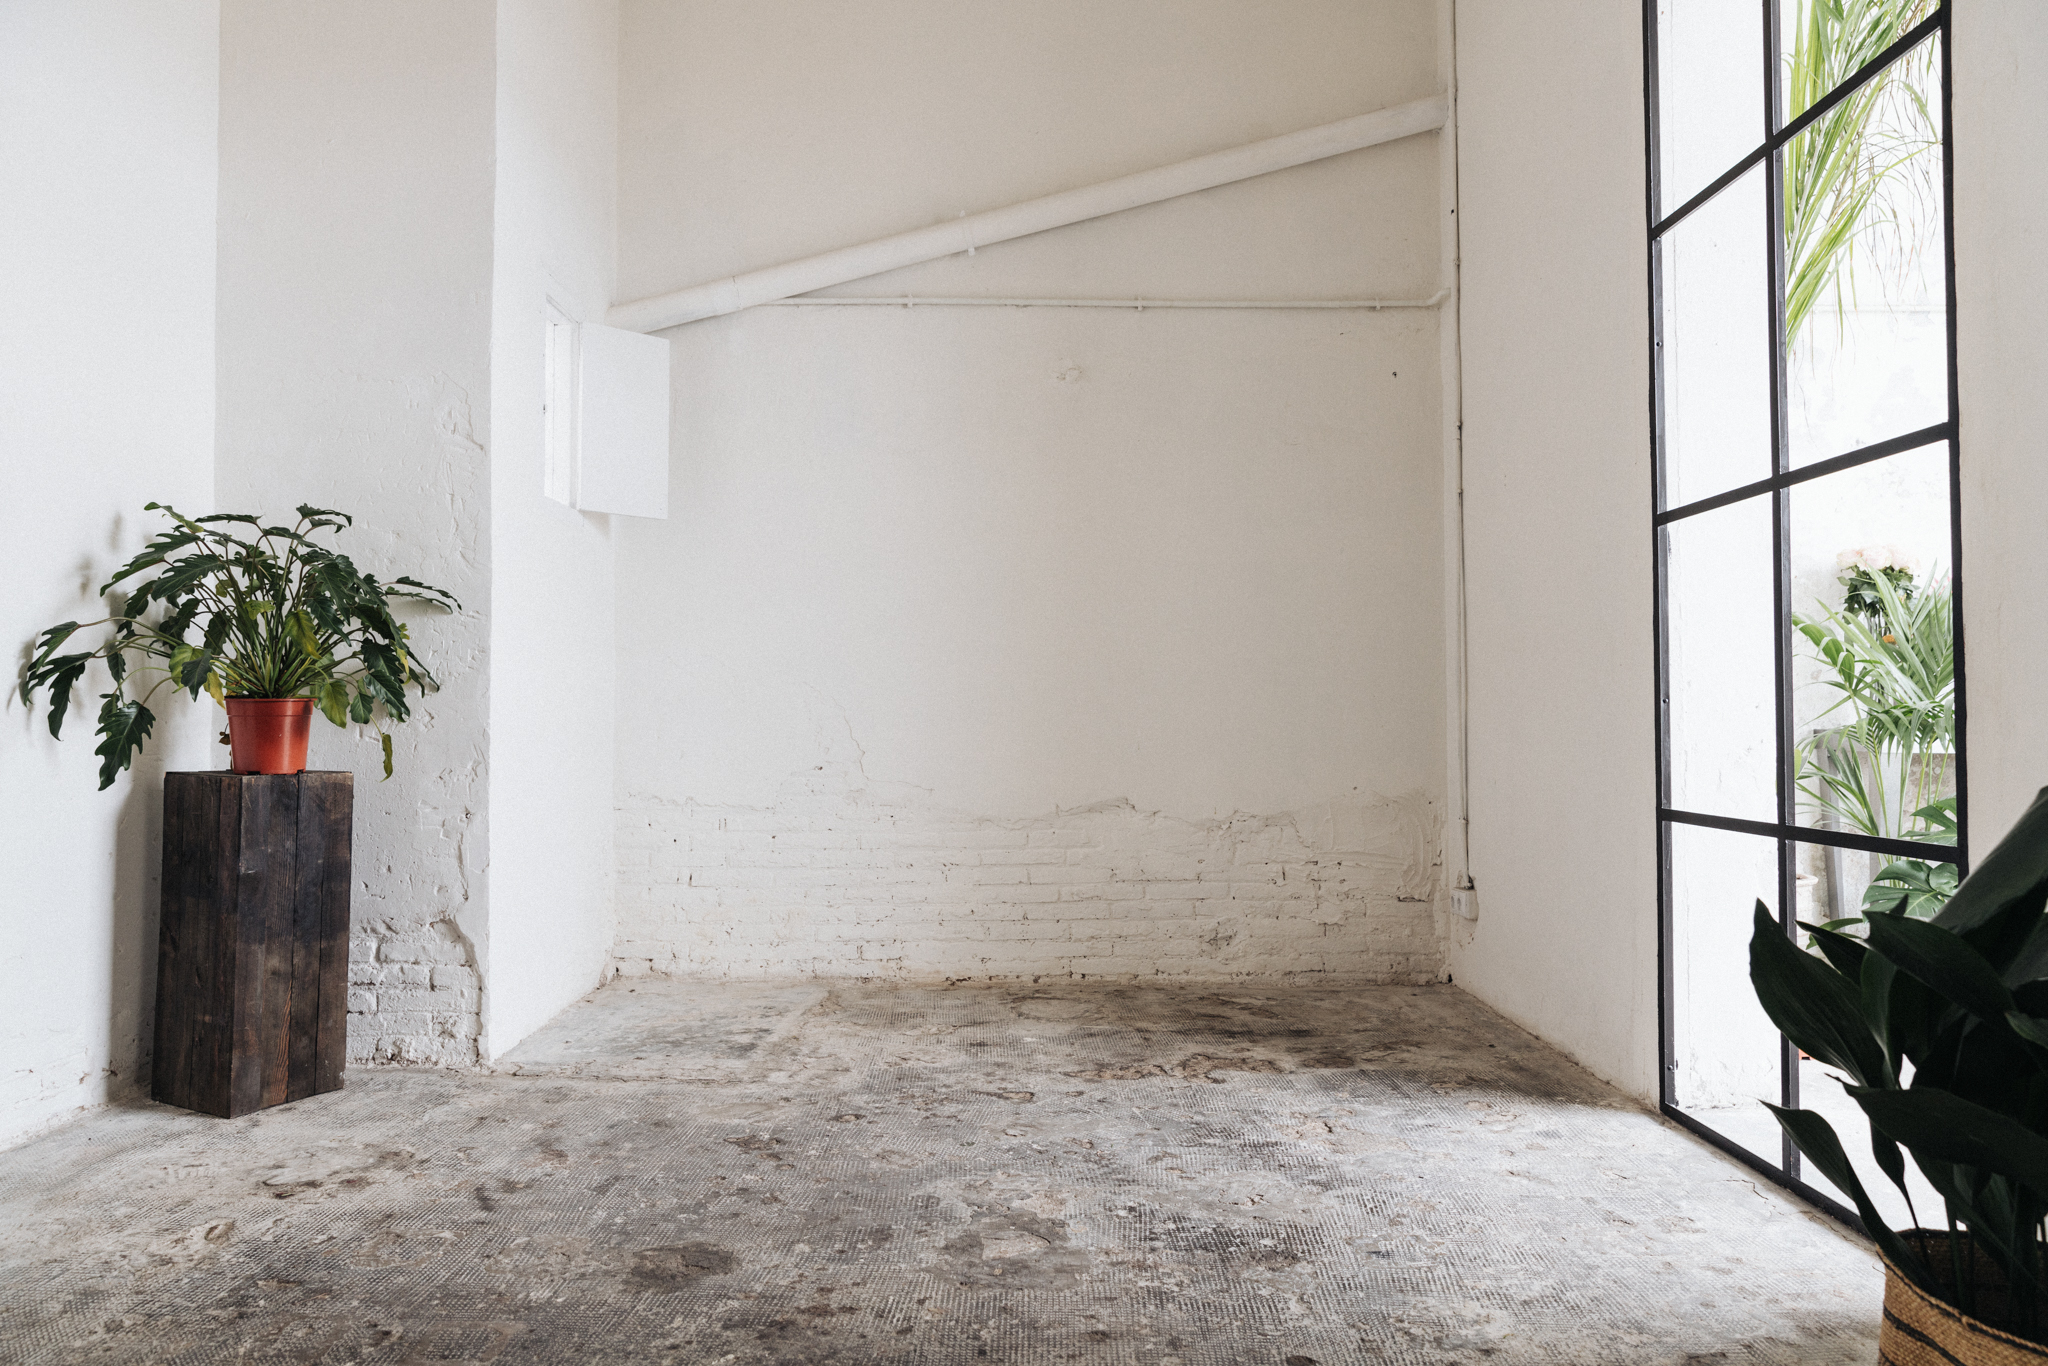 alquiler espacio plantas barcelona 2.jpg